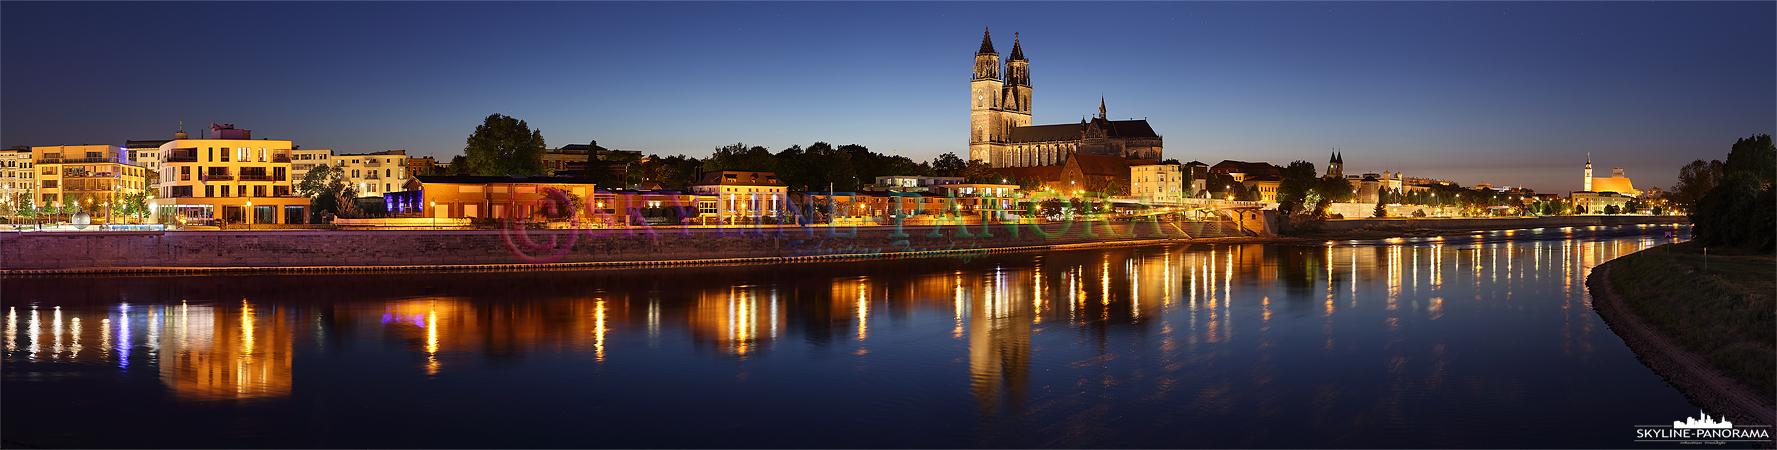 Bilder aus Magdeburg - Panorama der Magdeburger Skyline am Abend mit dem hell erleuchteten Dom von Magdeburg, der Landeshauptstadt von Sachsen-Anhalt.